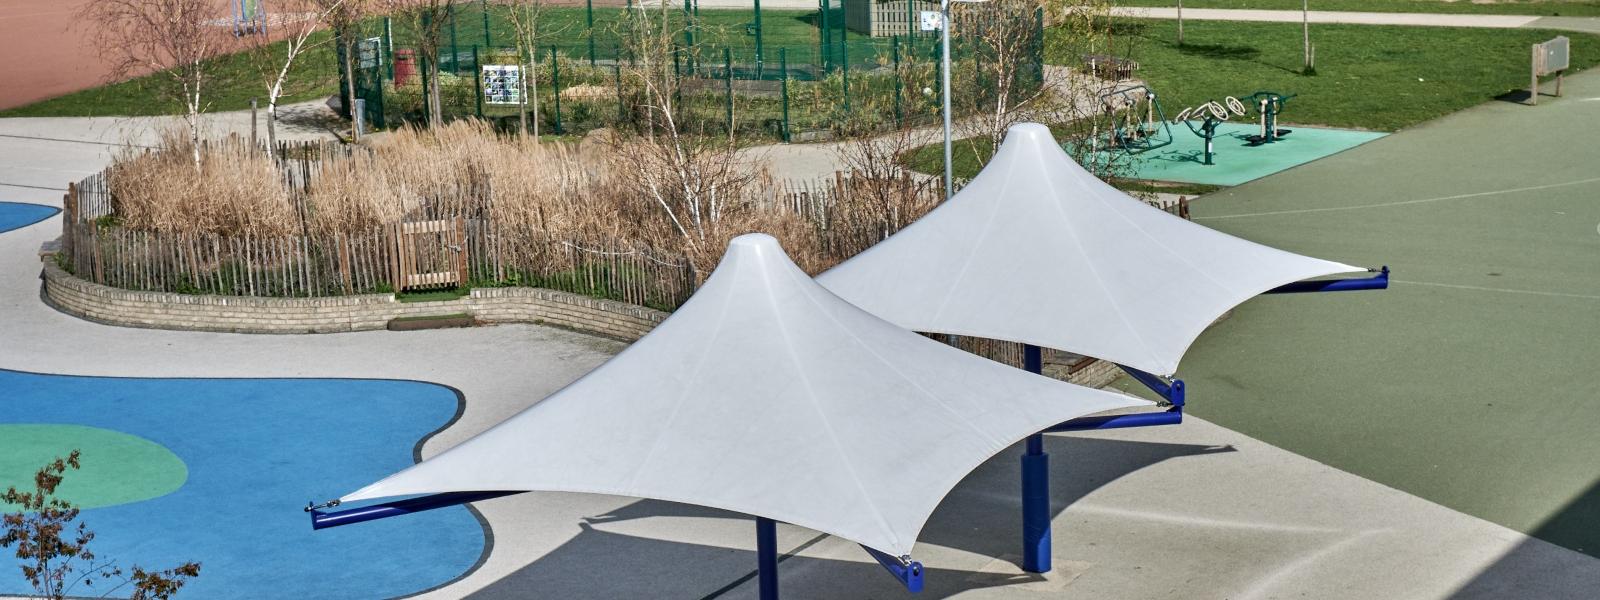 Maxima Umbrella